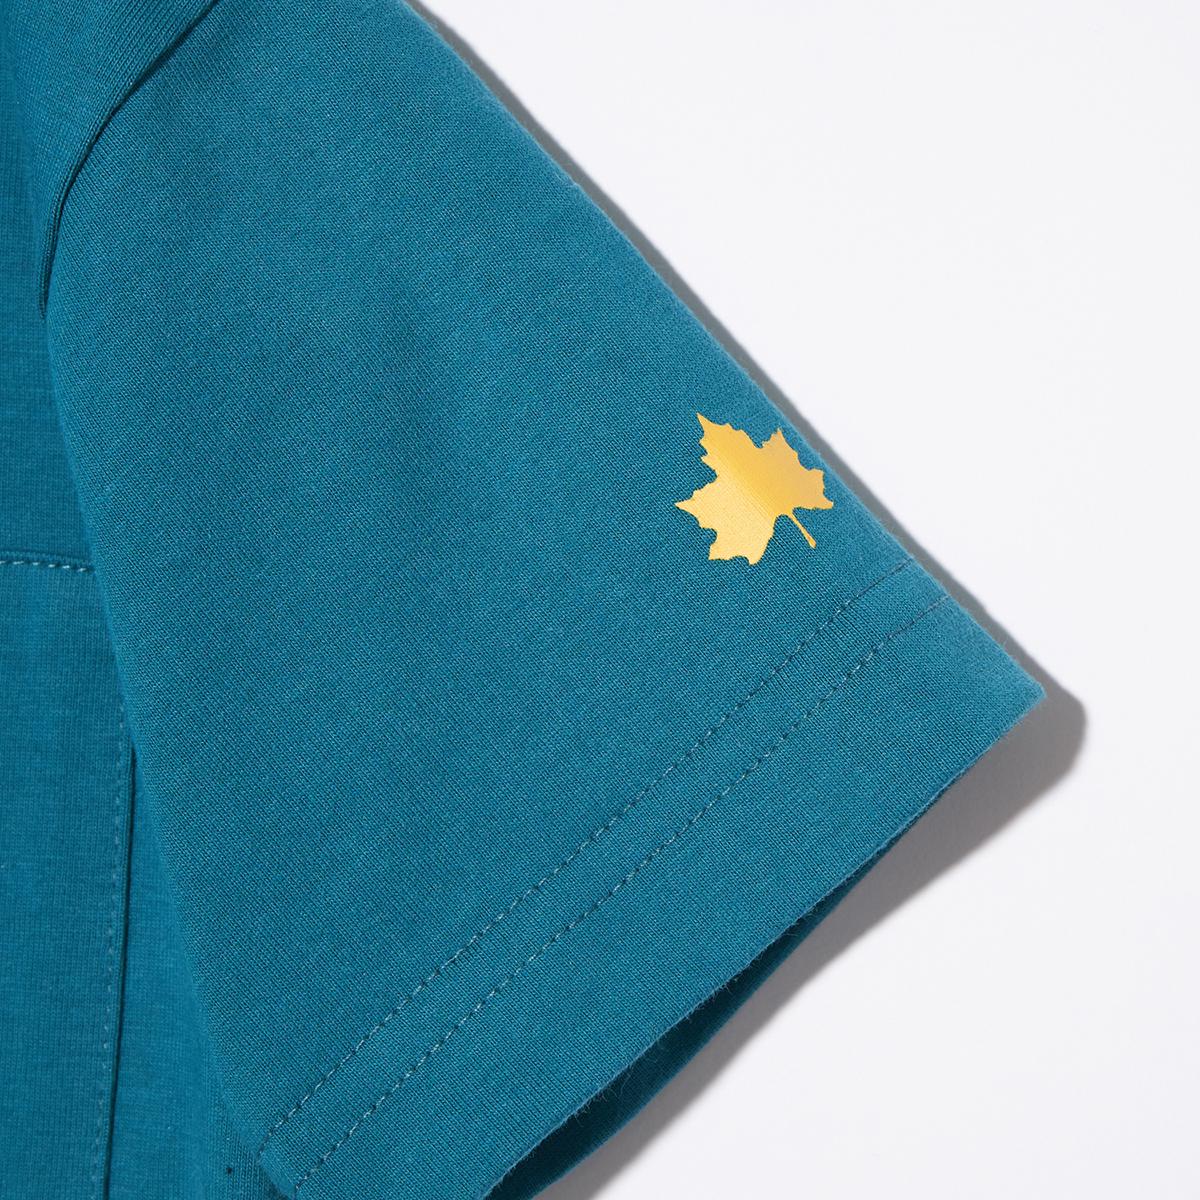 袖にはメイプルリーフのワンポイント